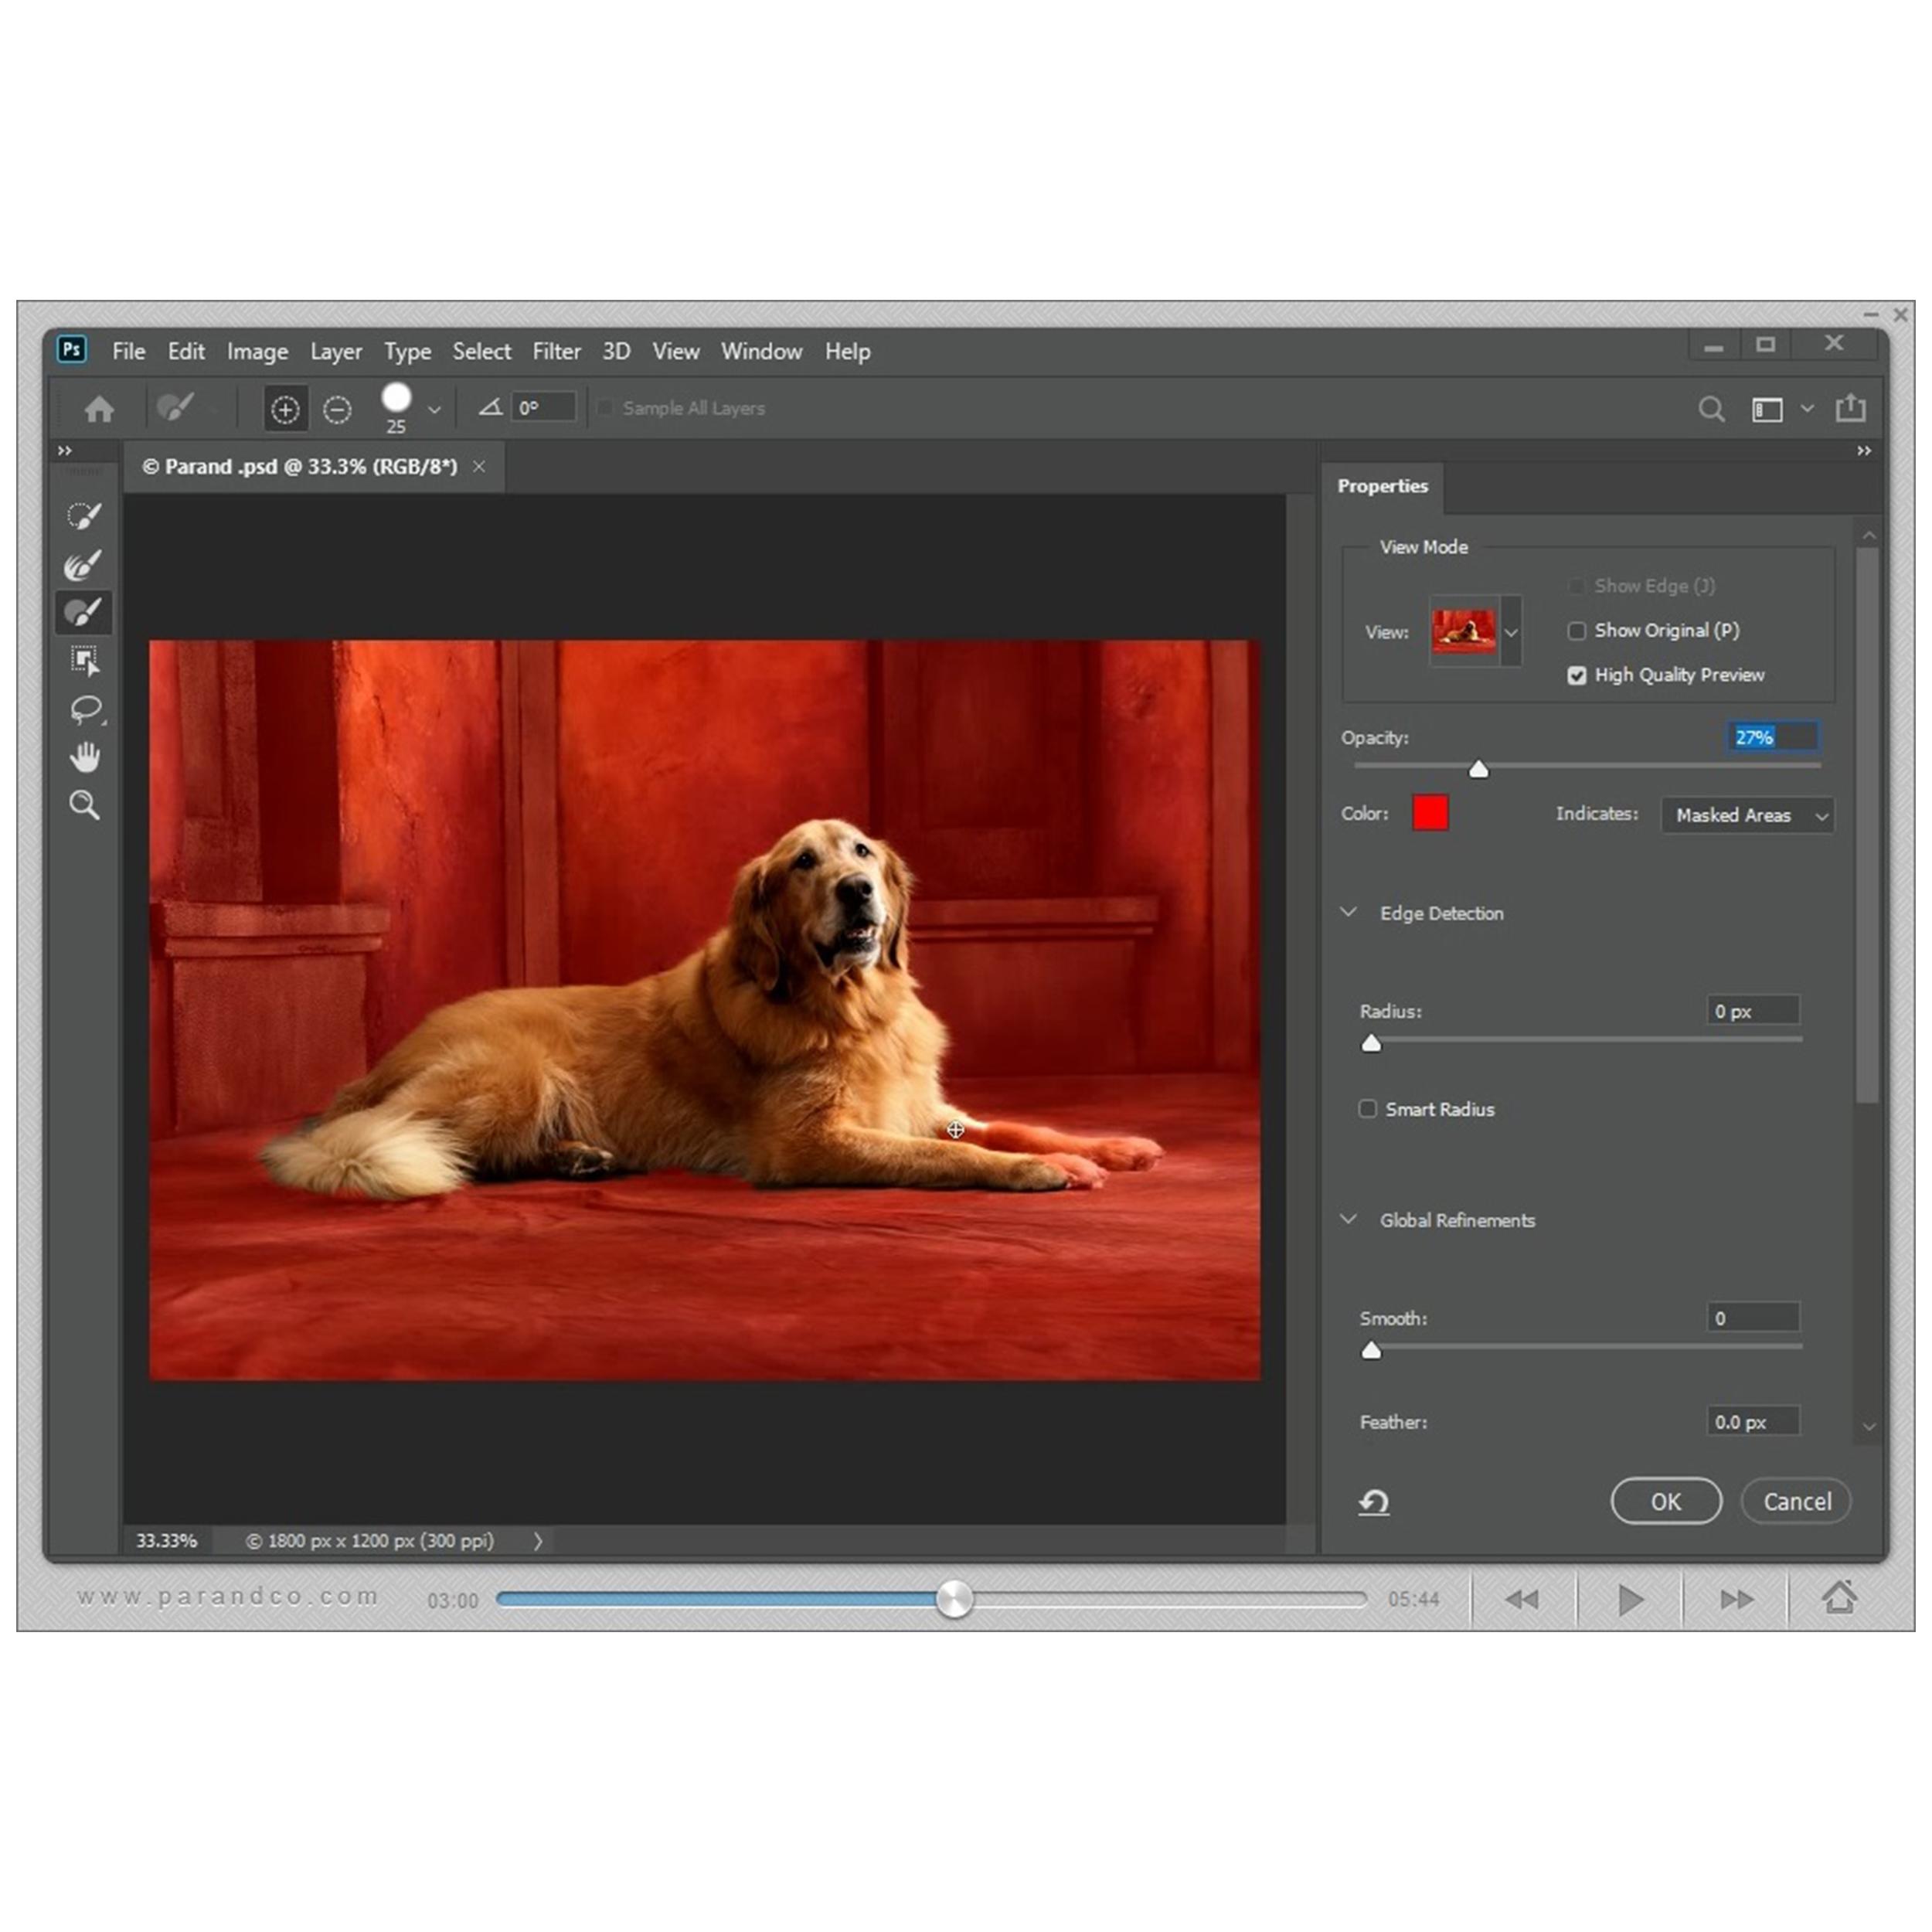 نرم افزار آموزش Photoshop 2020 شرکت پرند main 1 8